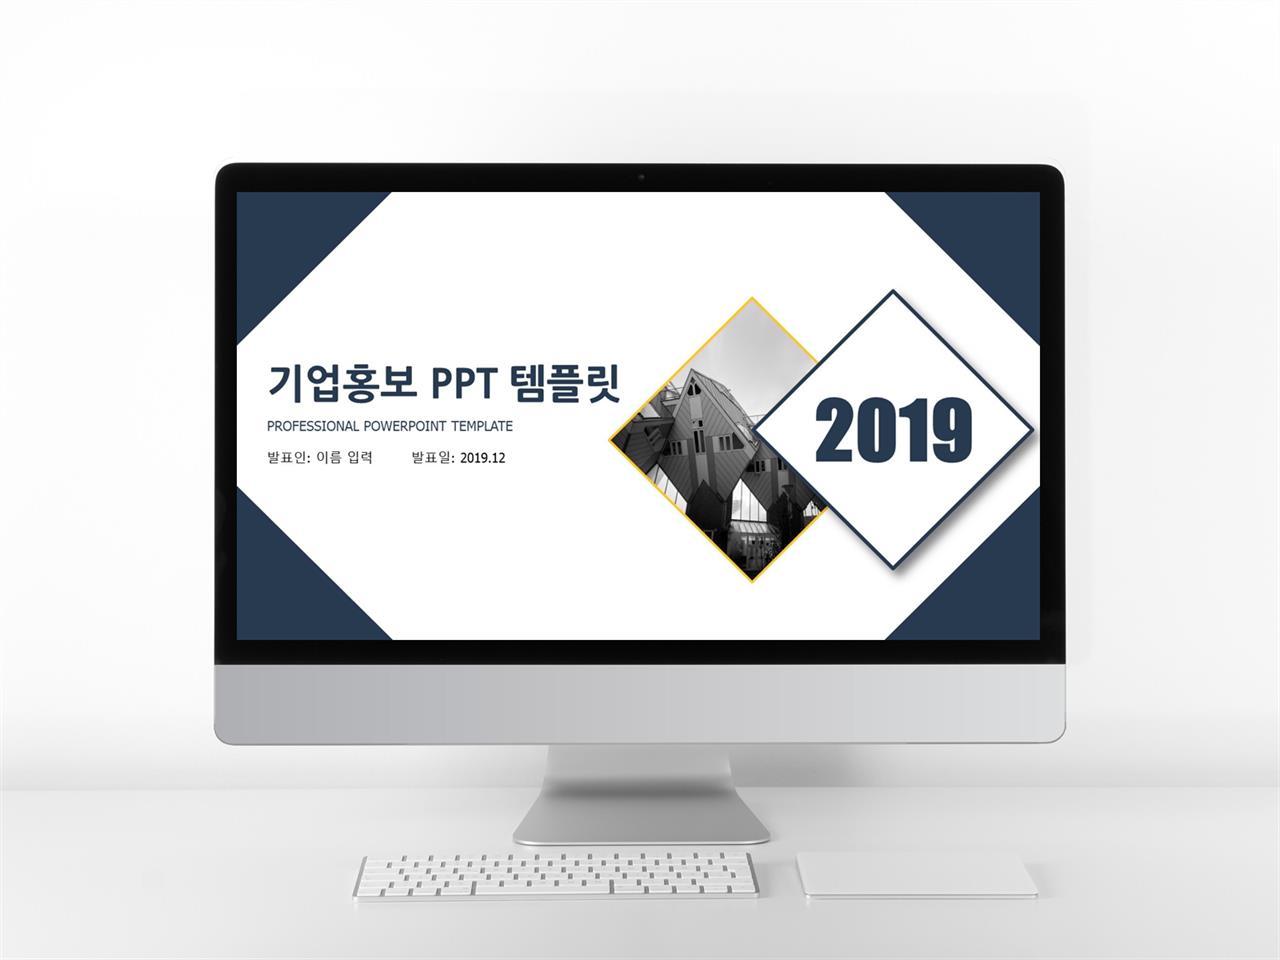 홍보마케팅 푸른색 화려한 매력적인 파워포인트배경 제작 미리보기